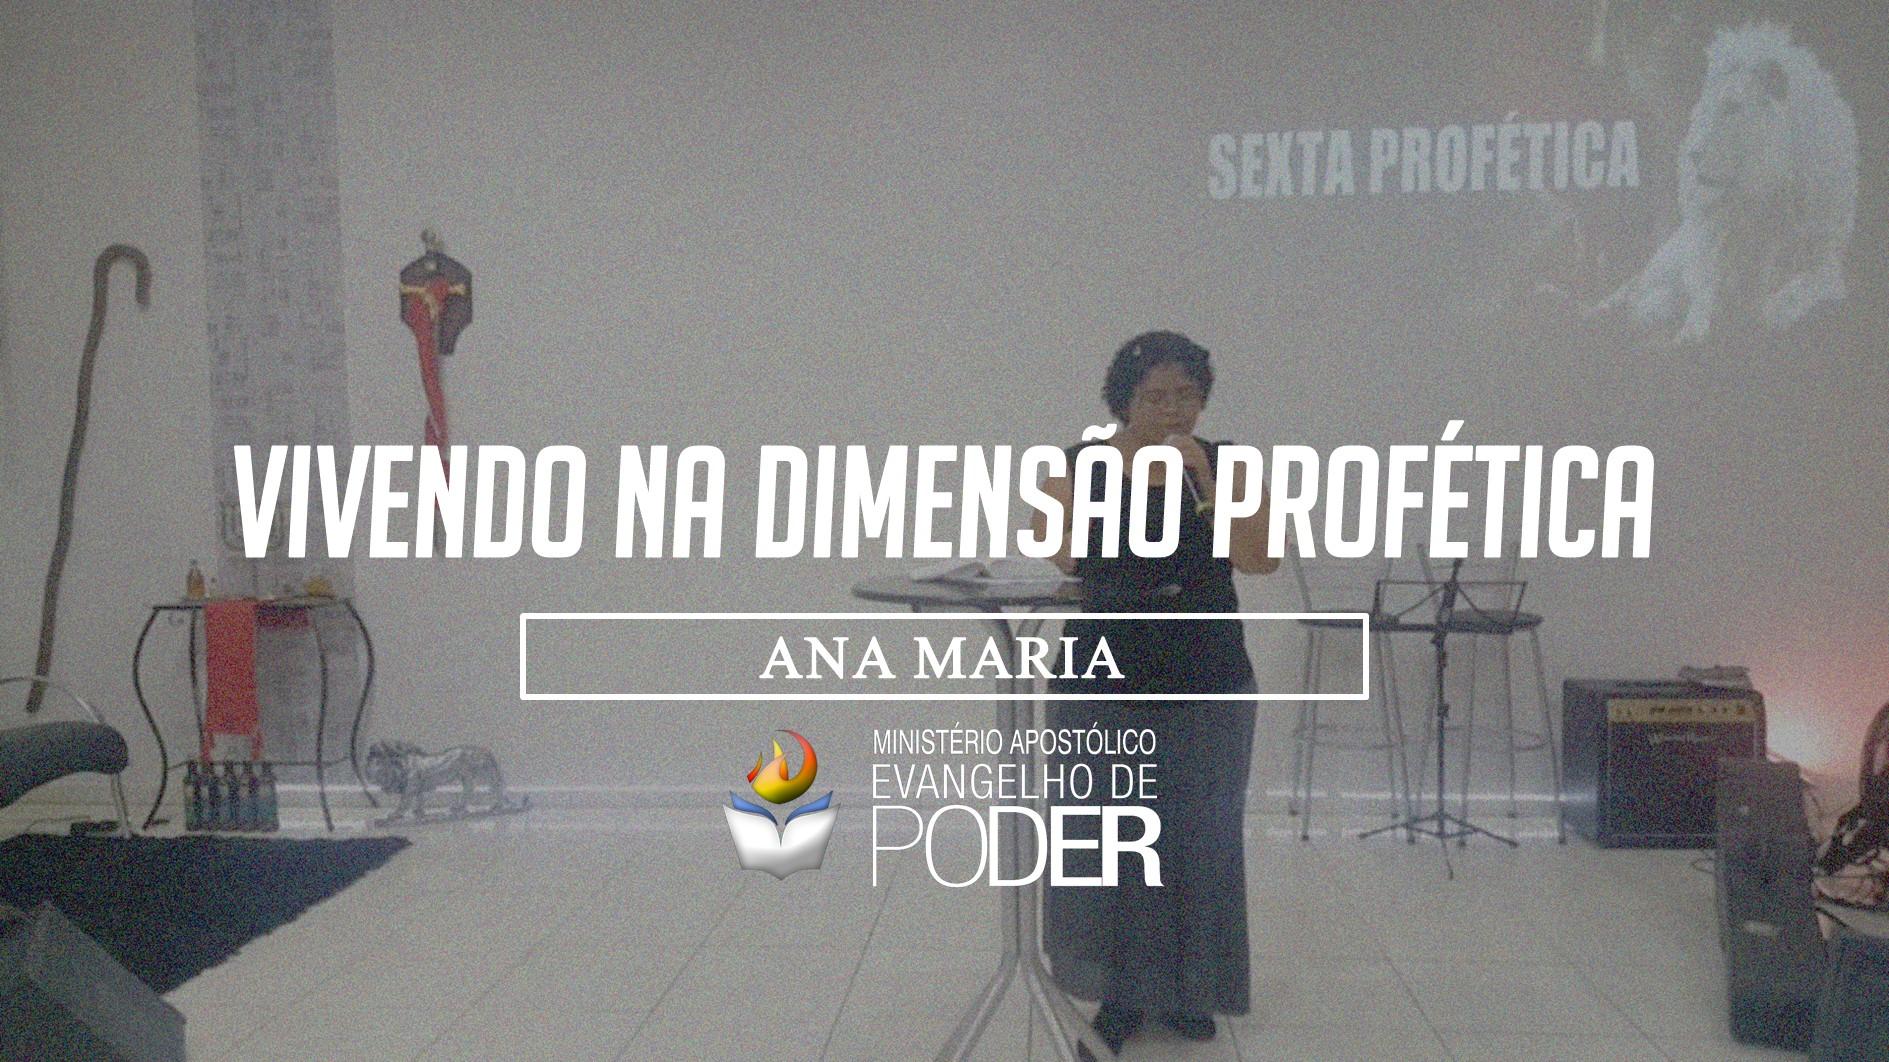 VIVENDO NA DIMENSÃO PROFÉTICA - ANA MARIA